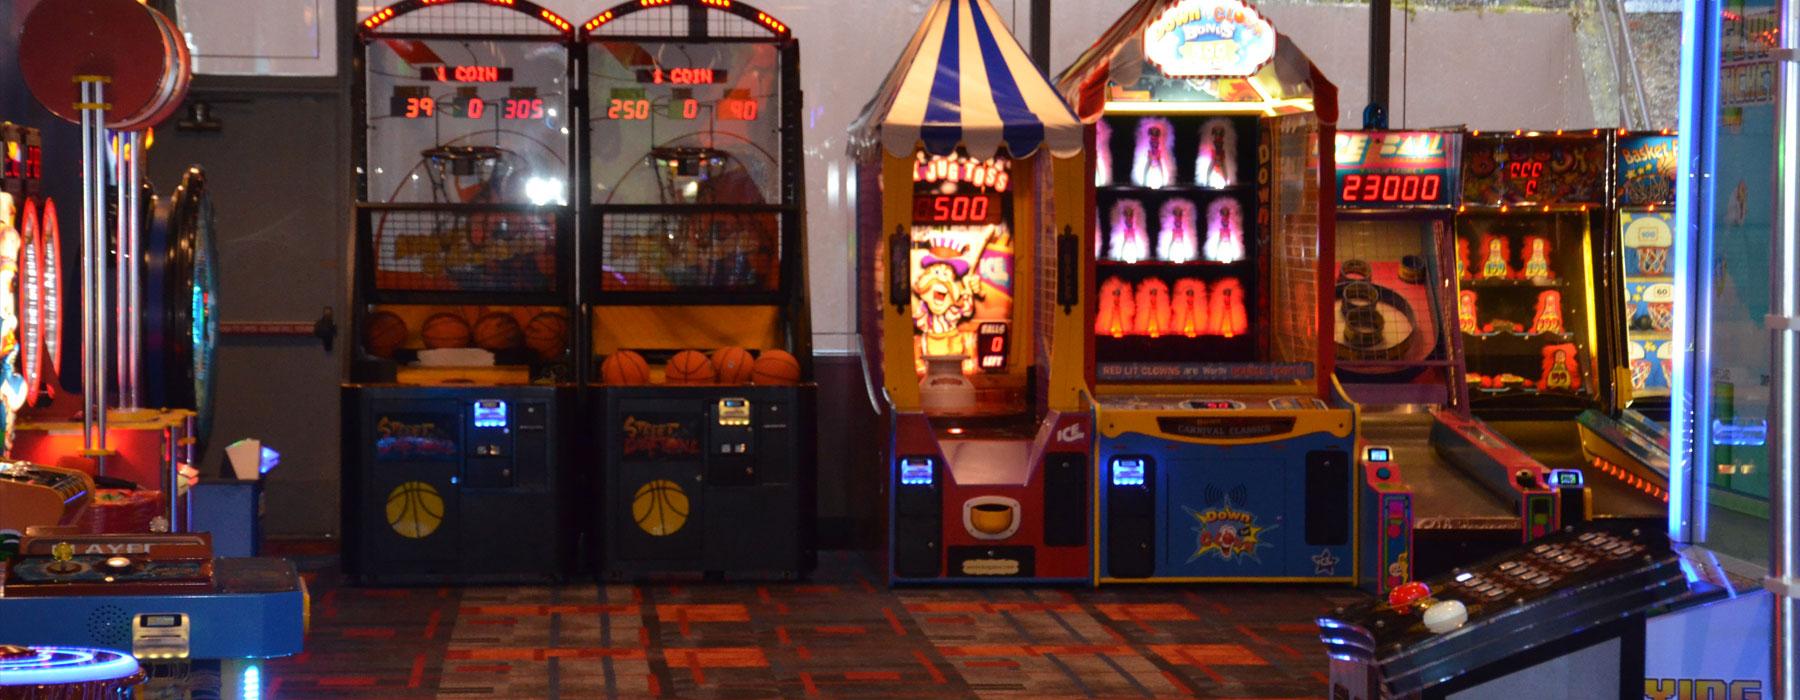 Arcade_slider2